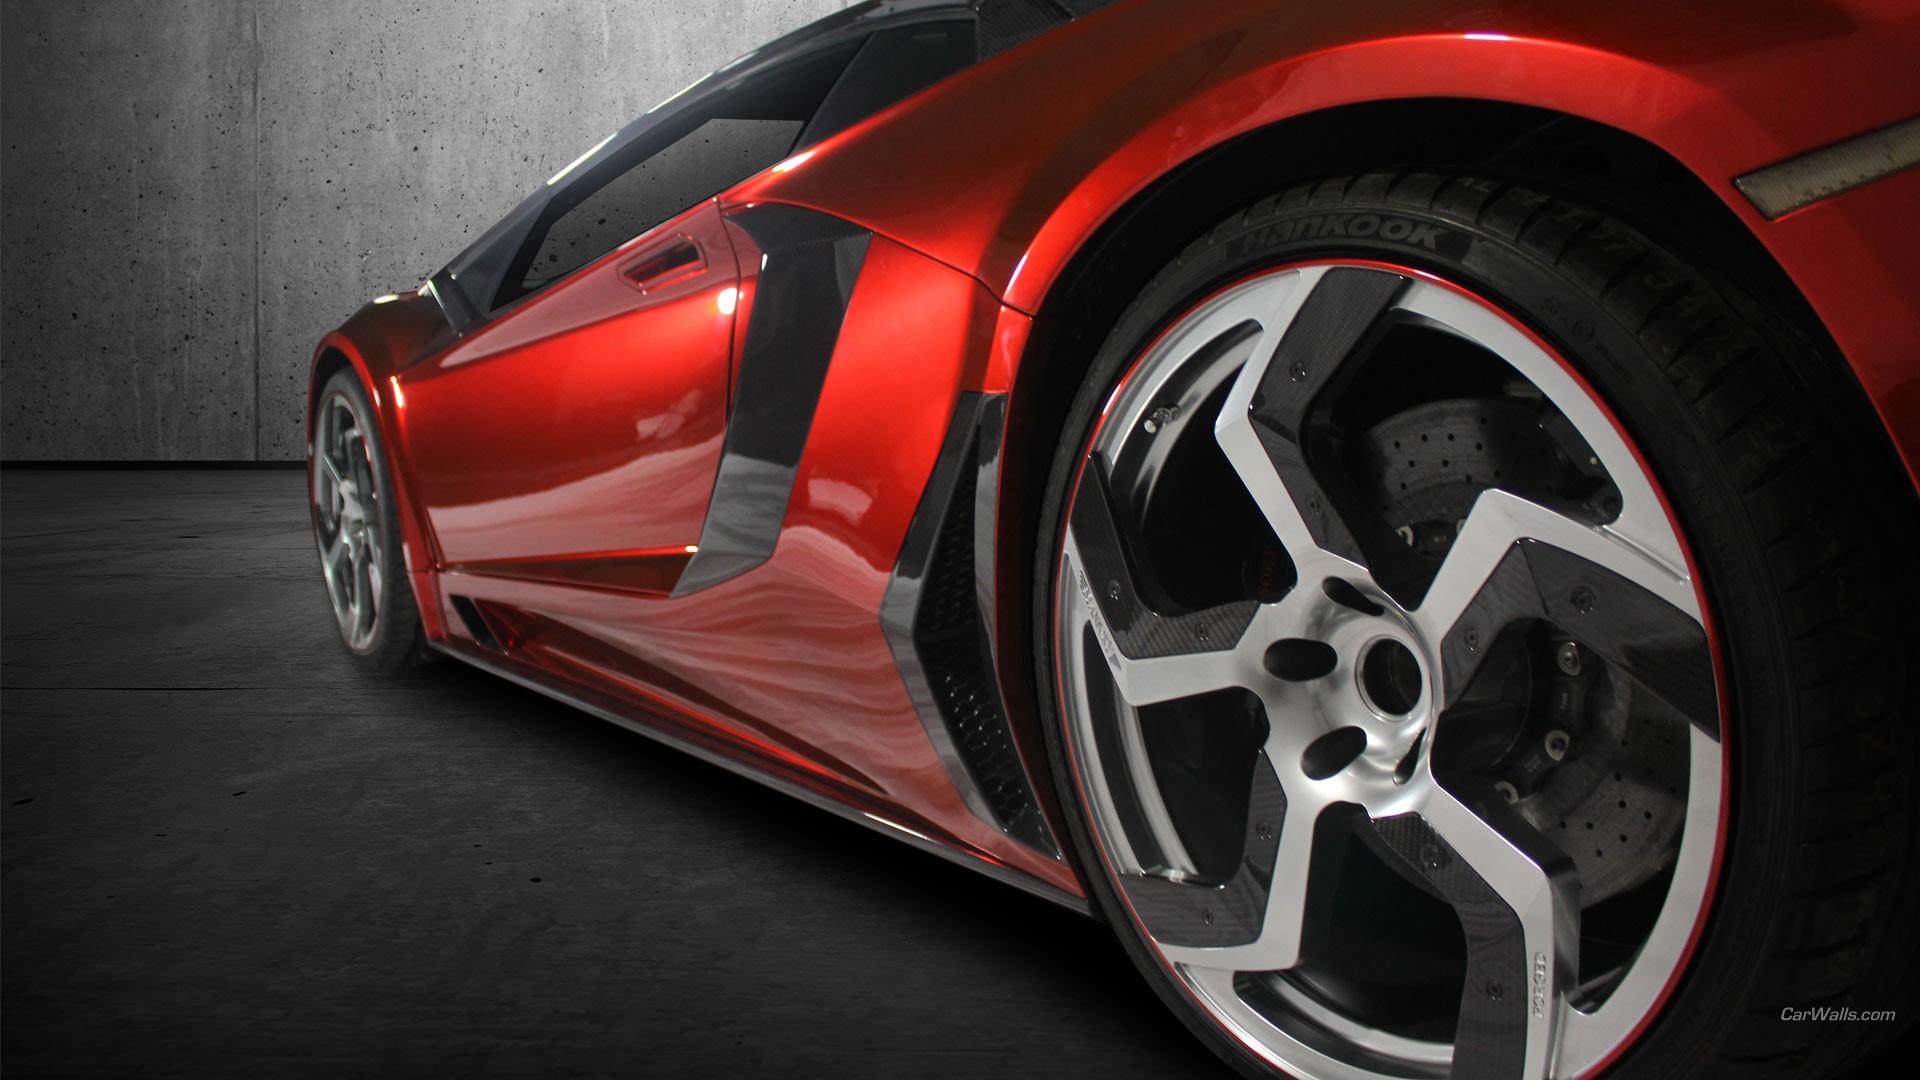 картинки машины крутые колеса ситуацию точки зрения